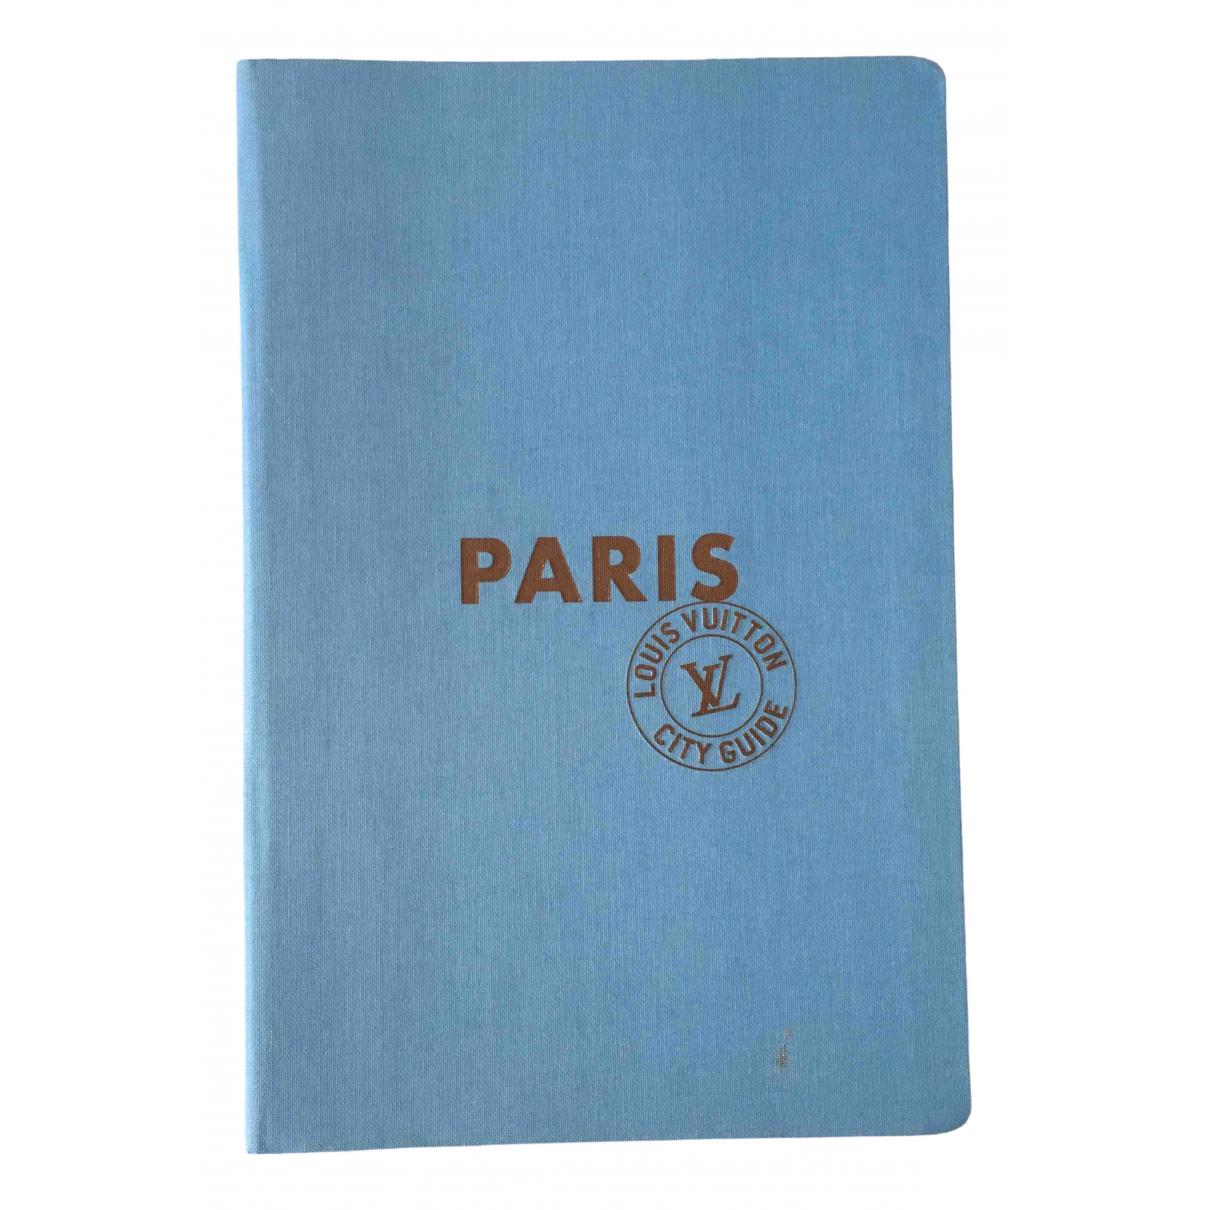 Louis Vuitton - Voyages City Guide pour lifestyle en coton - bleu